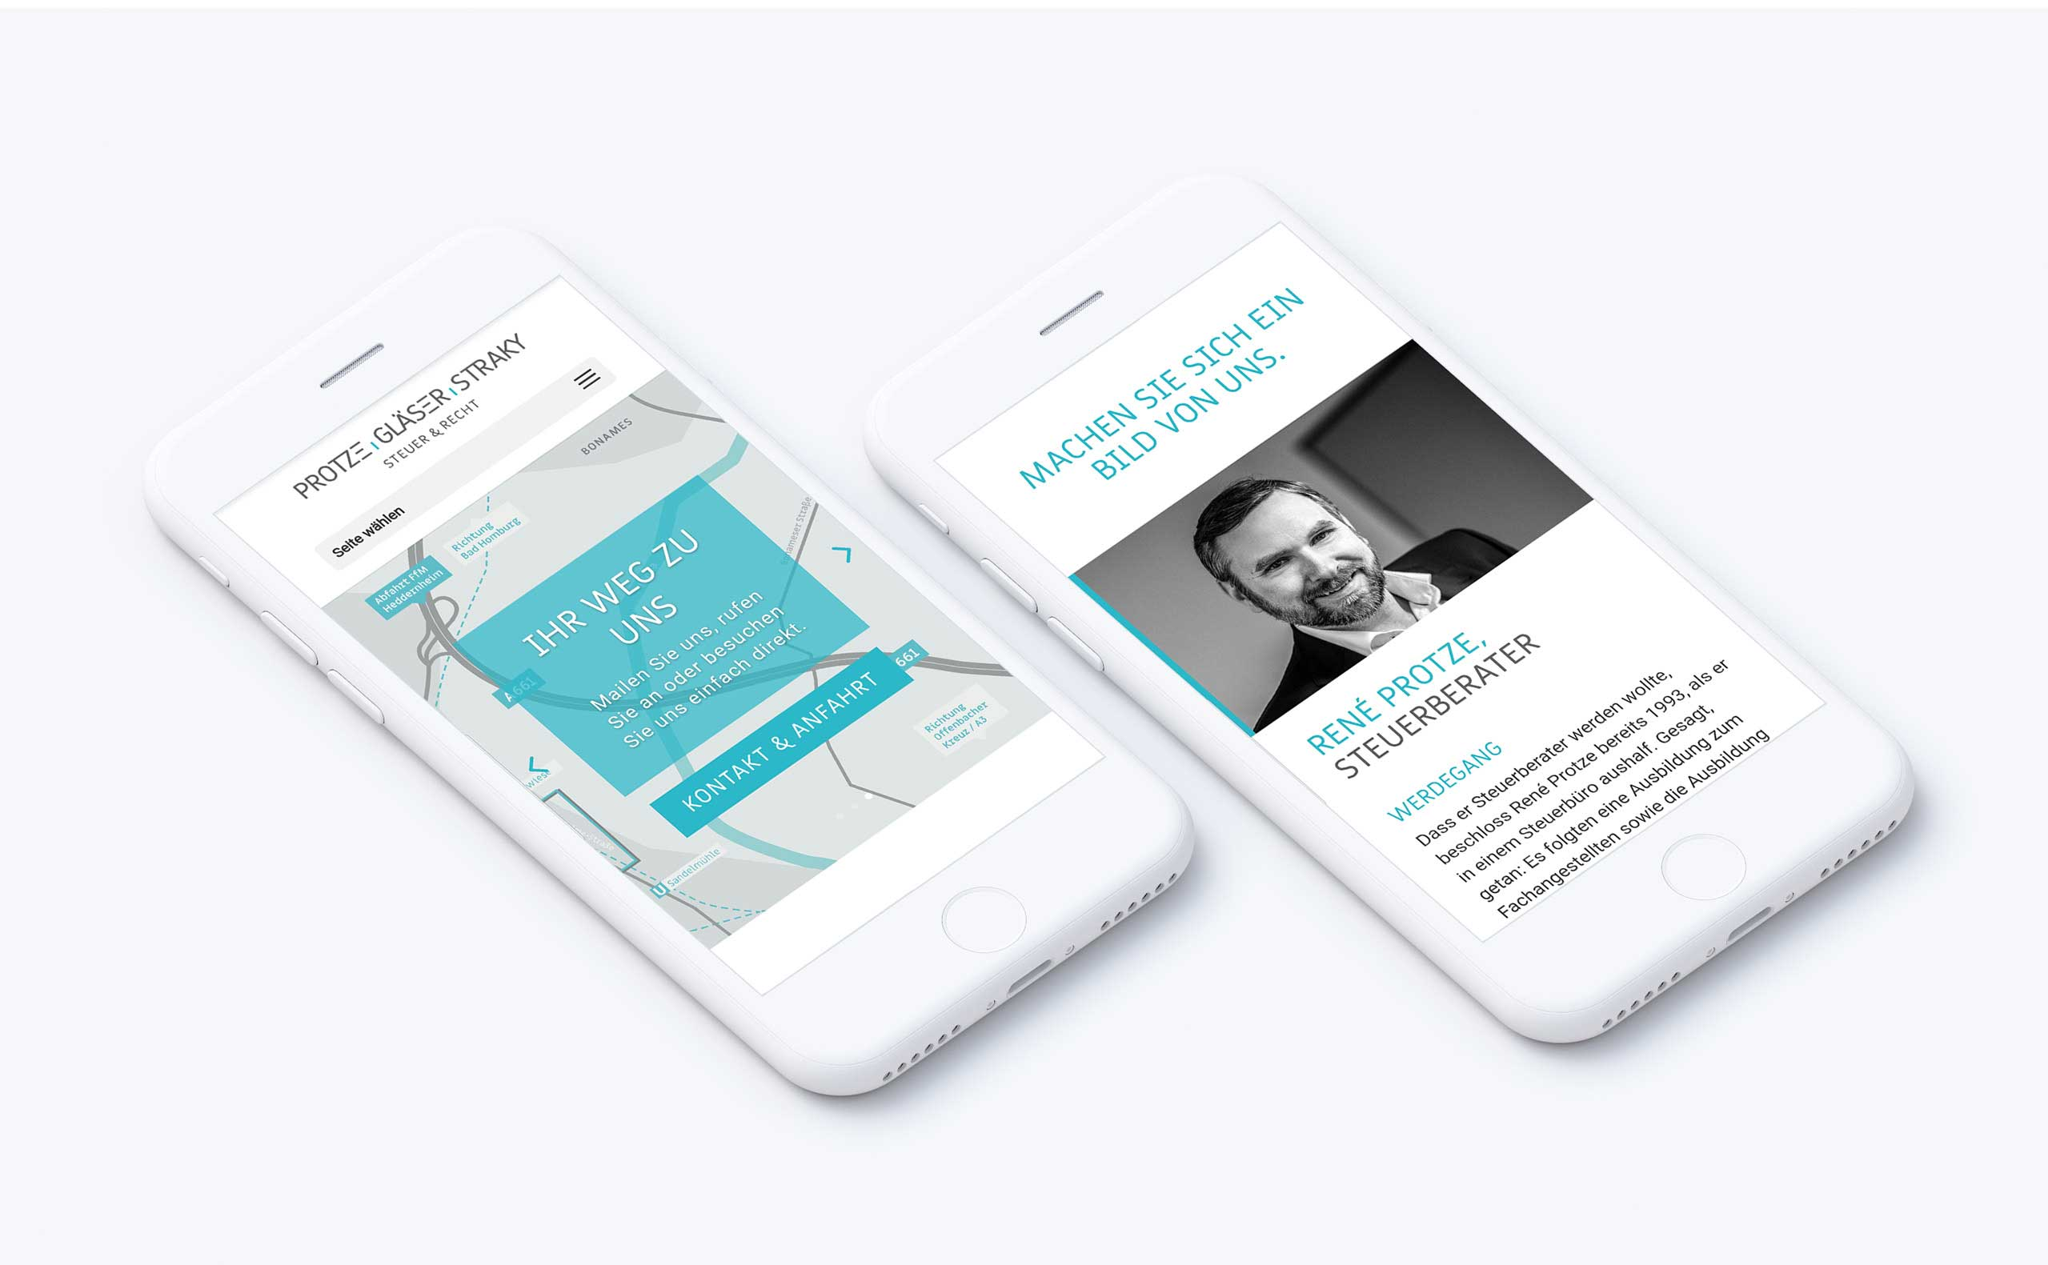 Webdesign-Frankfurt Steuerkanzlei-Mobil-2